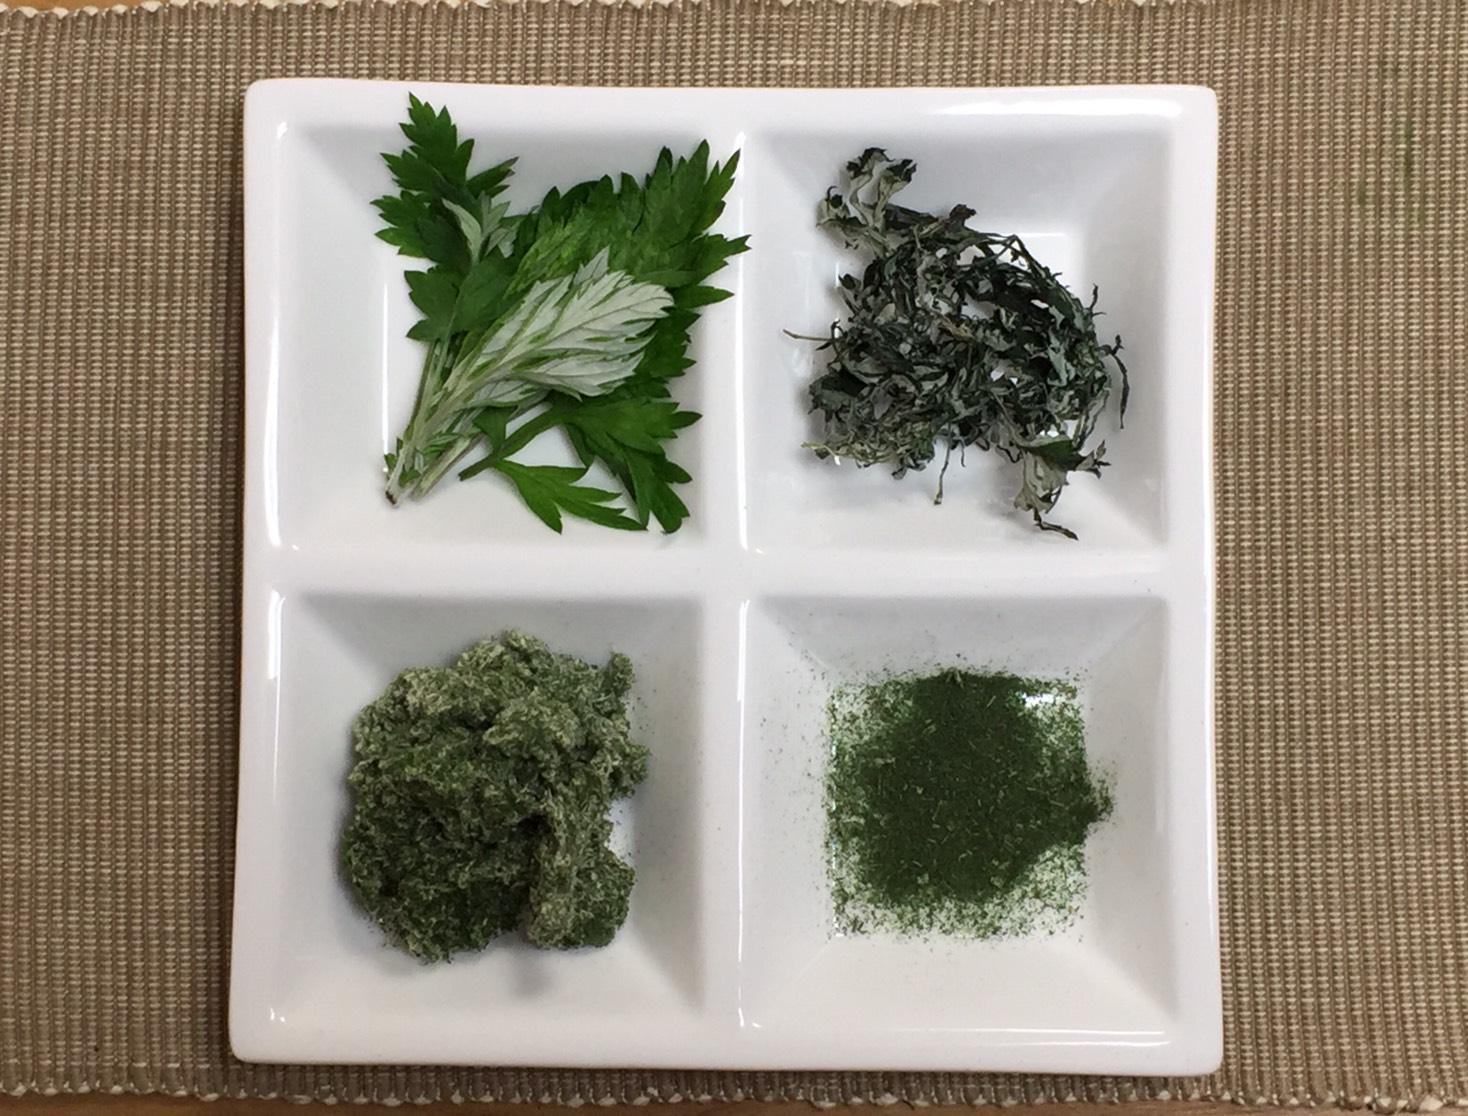 おやつに使える野草「ヨモギ」の見分け方と下処理&保存法|おかわりおやつ